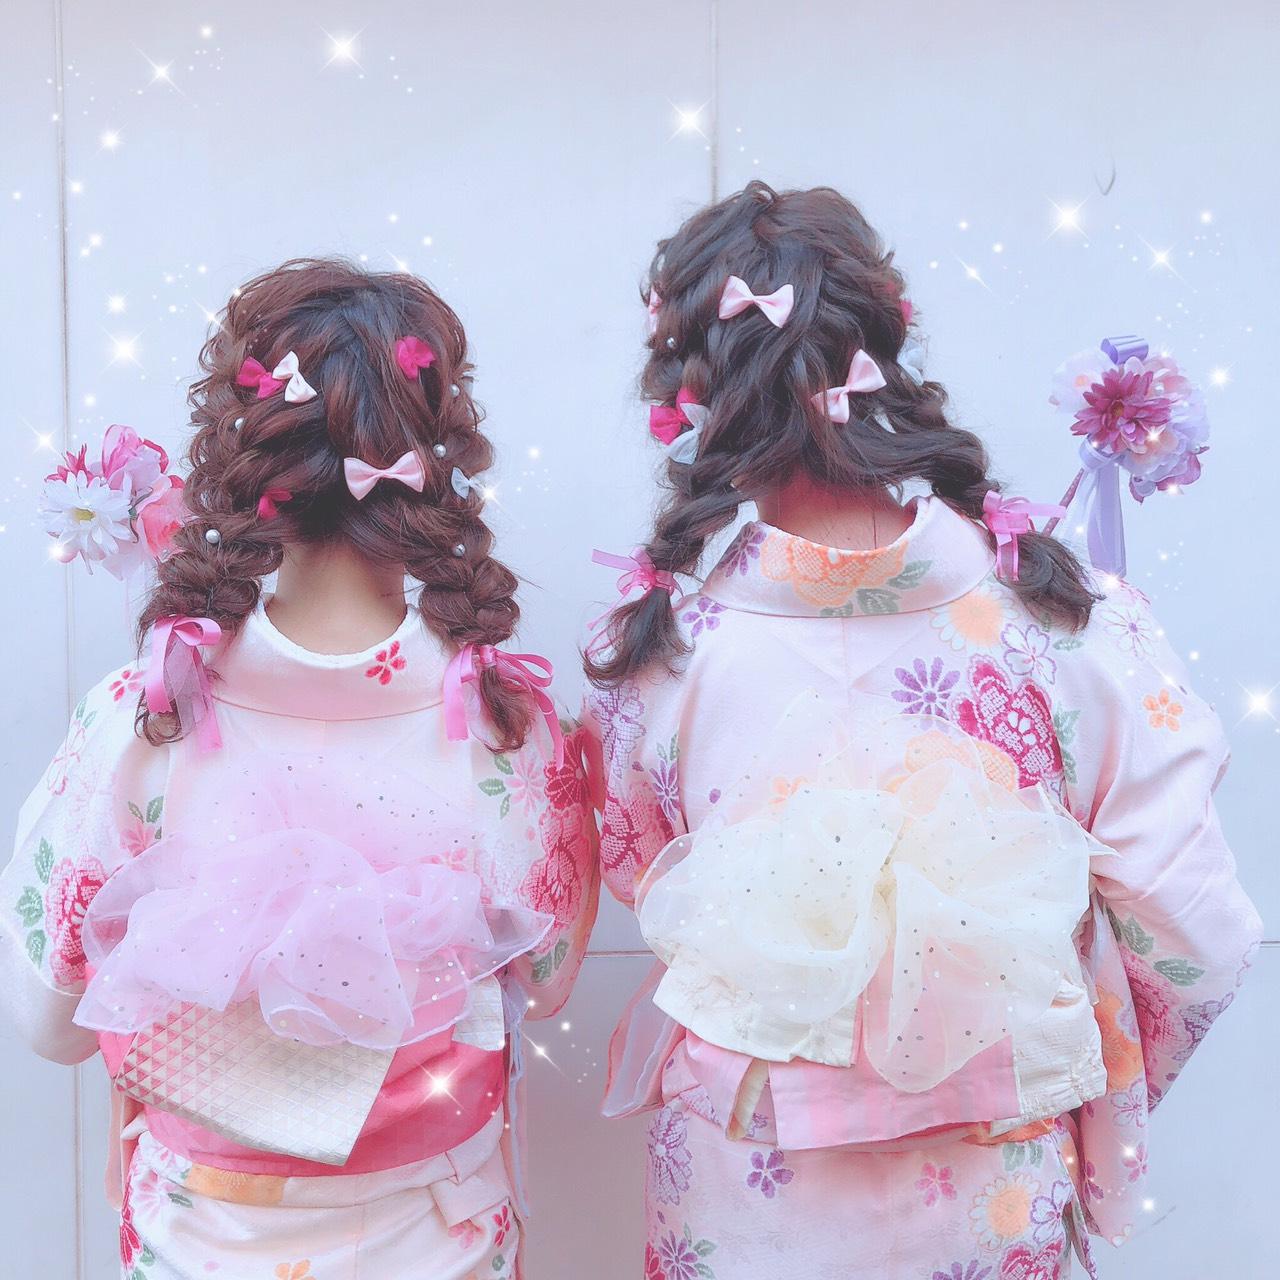 京都で着物を着るなら 人と差がつくおすすめ着物レンタルショップ紹介 ローリエプレス